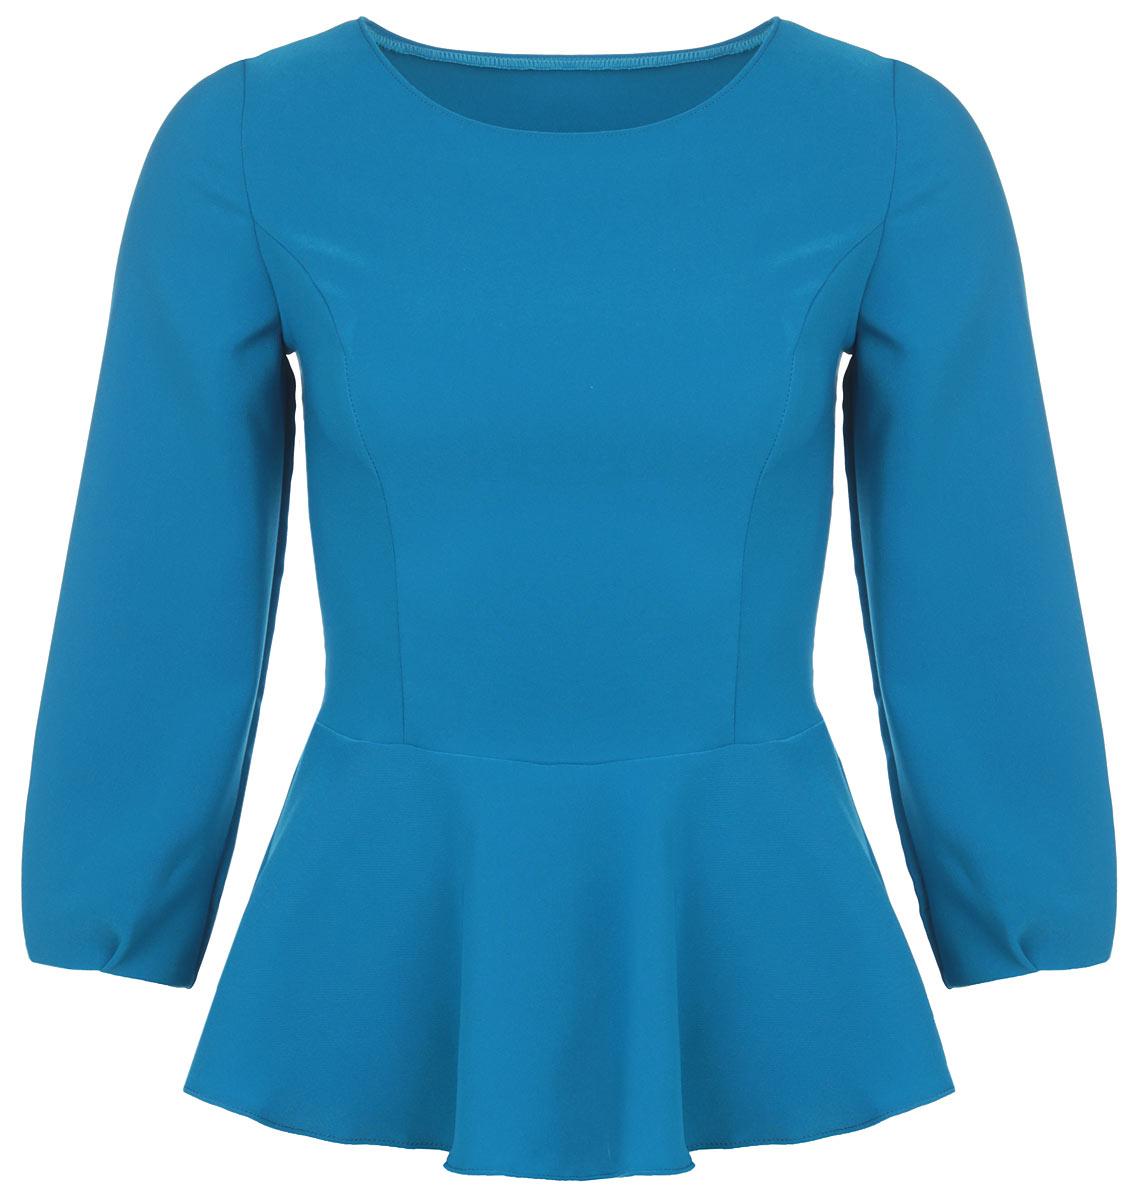 Блузка1830-653Изящная женская блузка Milana Style, выполненная из сочетания синтетического материала ПАН с добавлением вискозы и эластана, подчеркнет ваш уникальный стиль и поможет создать оригинальный женственный образ. Материал очень легкий, мягкий и приятный на ощупь, не сковывает движения и хорошо вентилируется. Блузка с длинными рукавами и круглым воротником оформлена баской и вытачками на лицевой стороне. Рукава присборены к линии кисти. Модная блузка займет достойное место в вашем гардеробе.